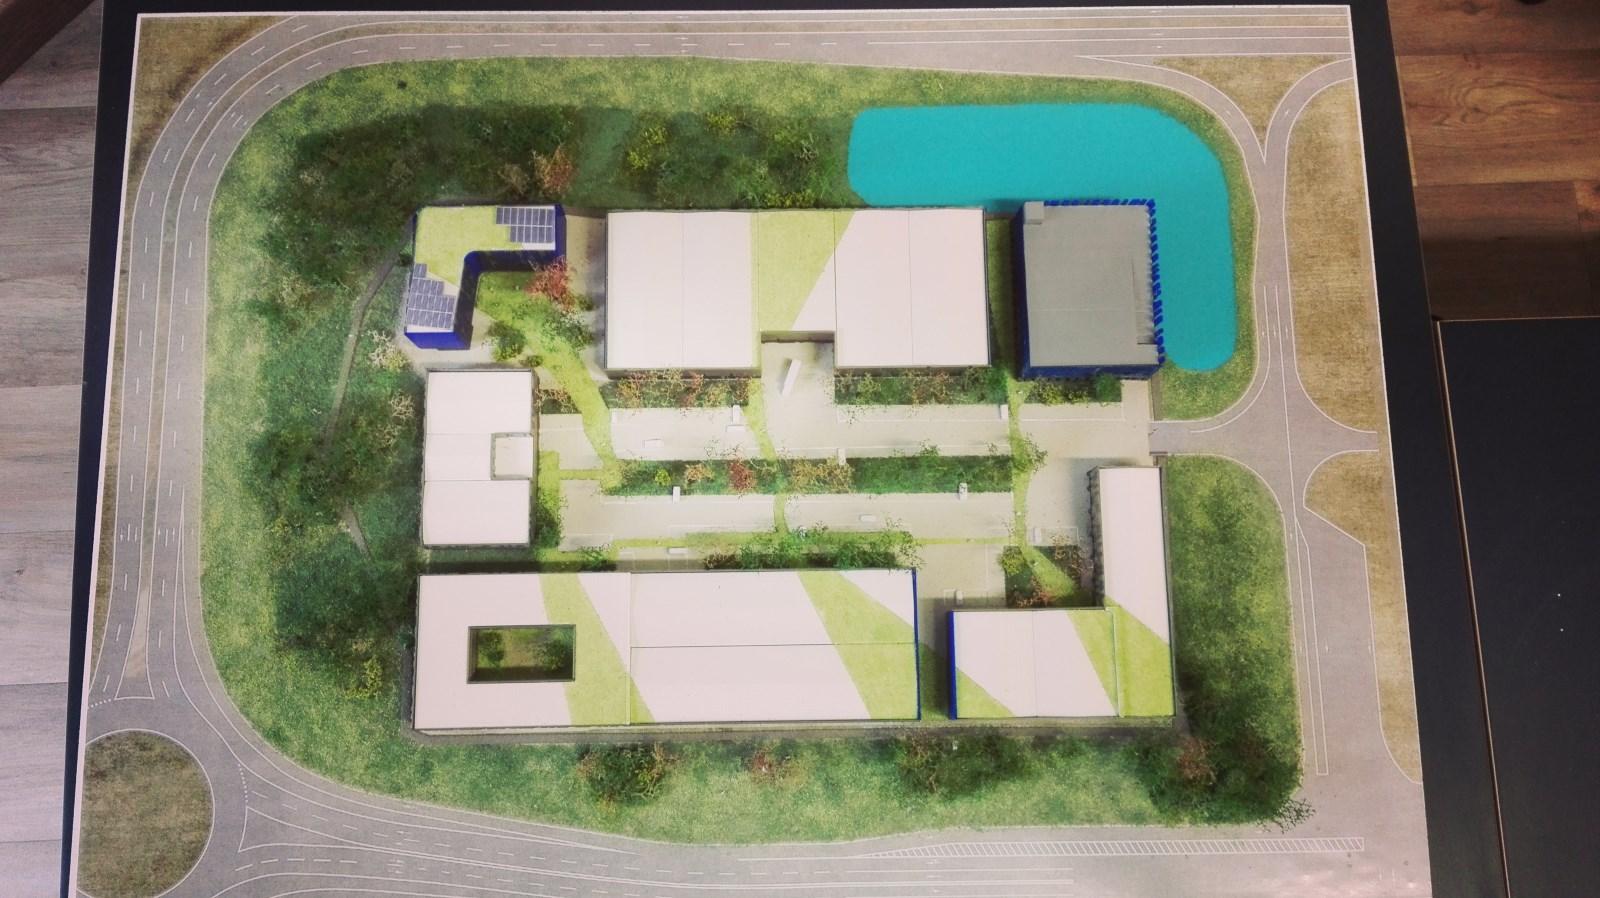 Maquette en impression 3d représentant un village d'entreprises au sein du nouveau parc des expositions de Toulouse Métropole